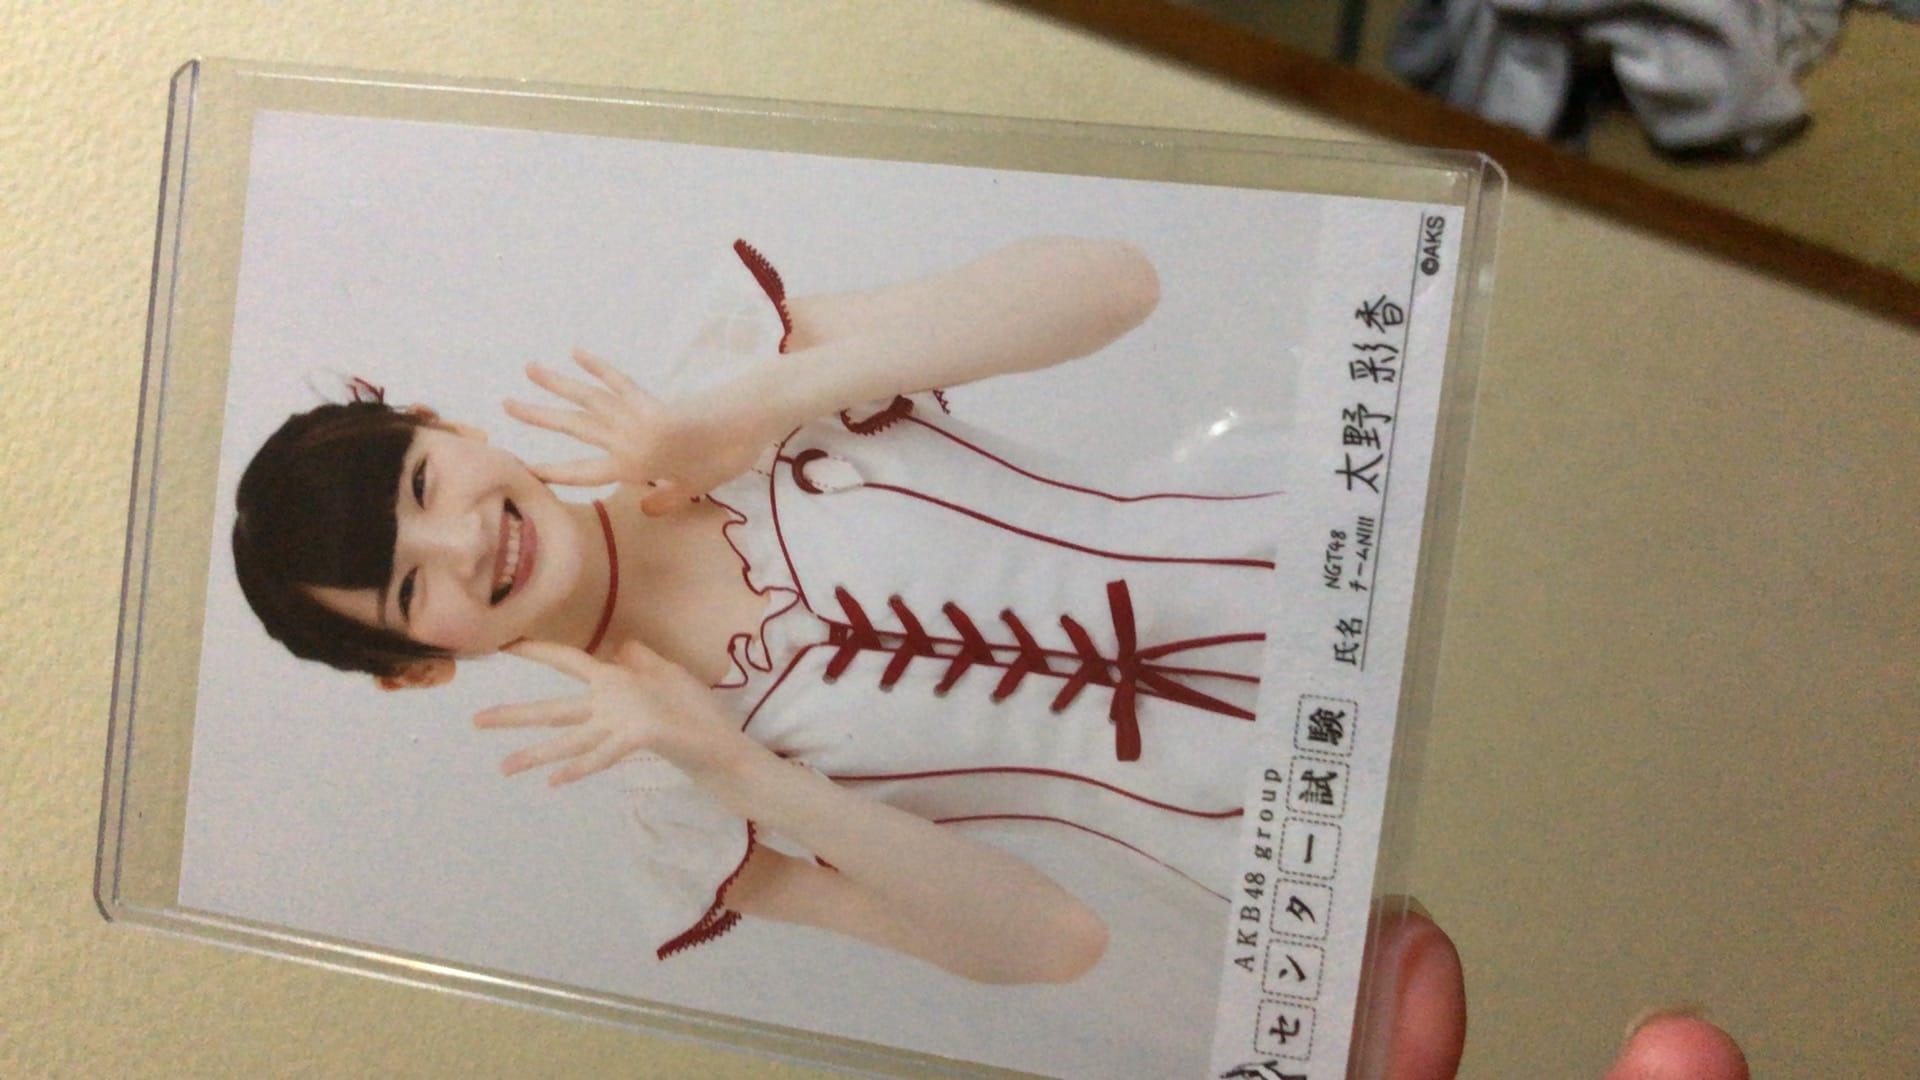 「寝落ちしたー(´;ω;`)」04/18(04/18) 20:43   こじこじちゃんの写メ・風俗動画